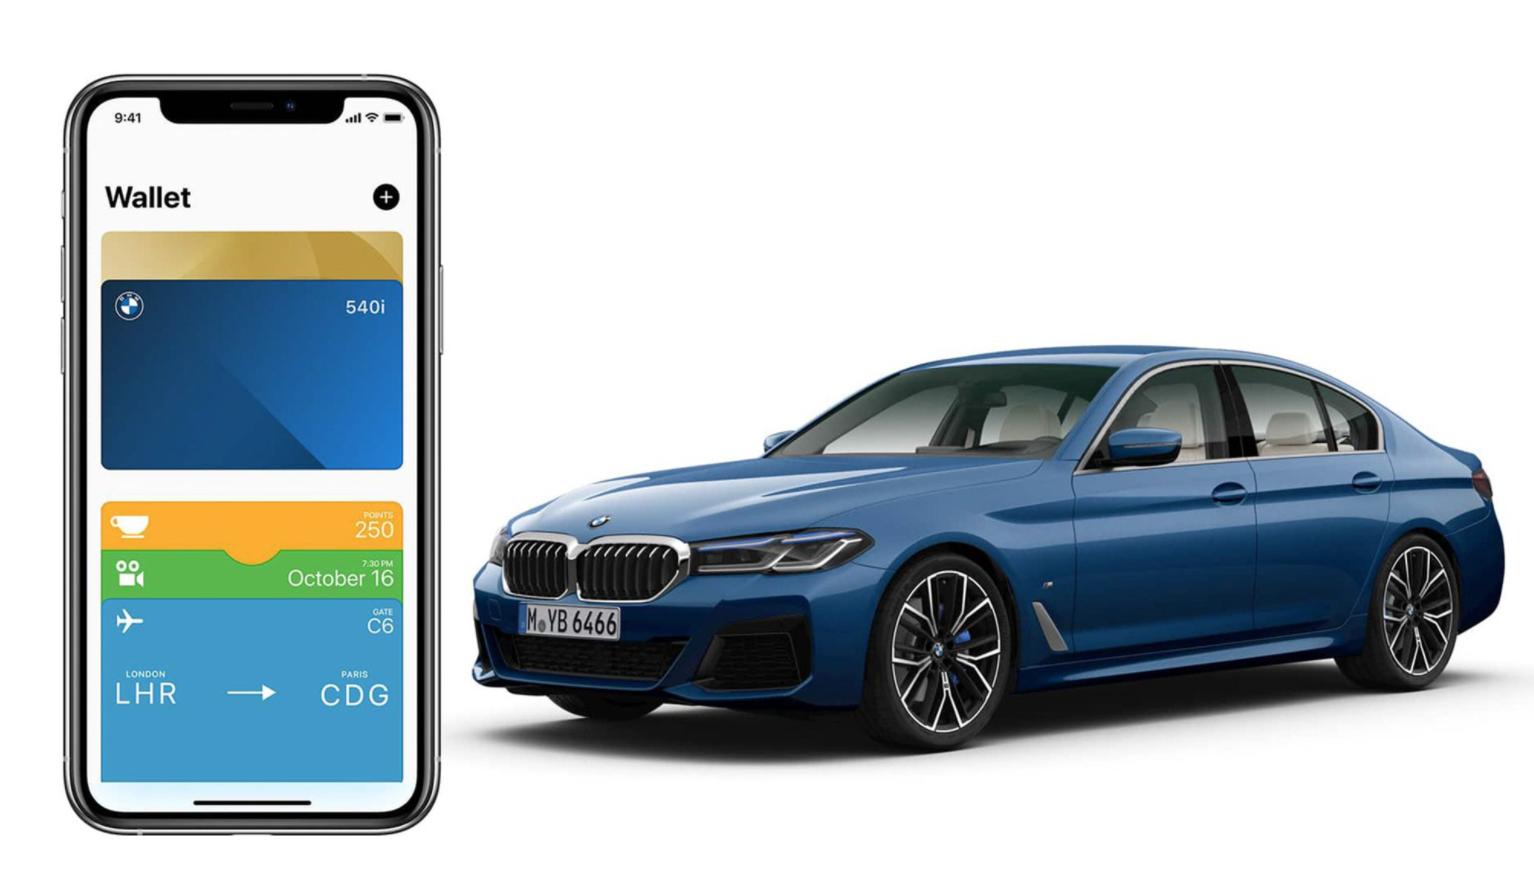 Bạn có thể mở khoá xe, khởi động xe và chia sẻ chìa khoá Digital Key cho bạn bè